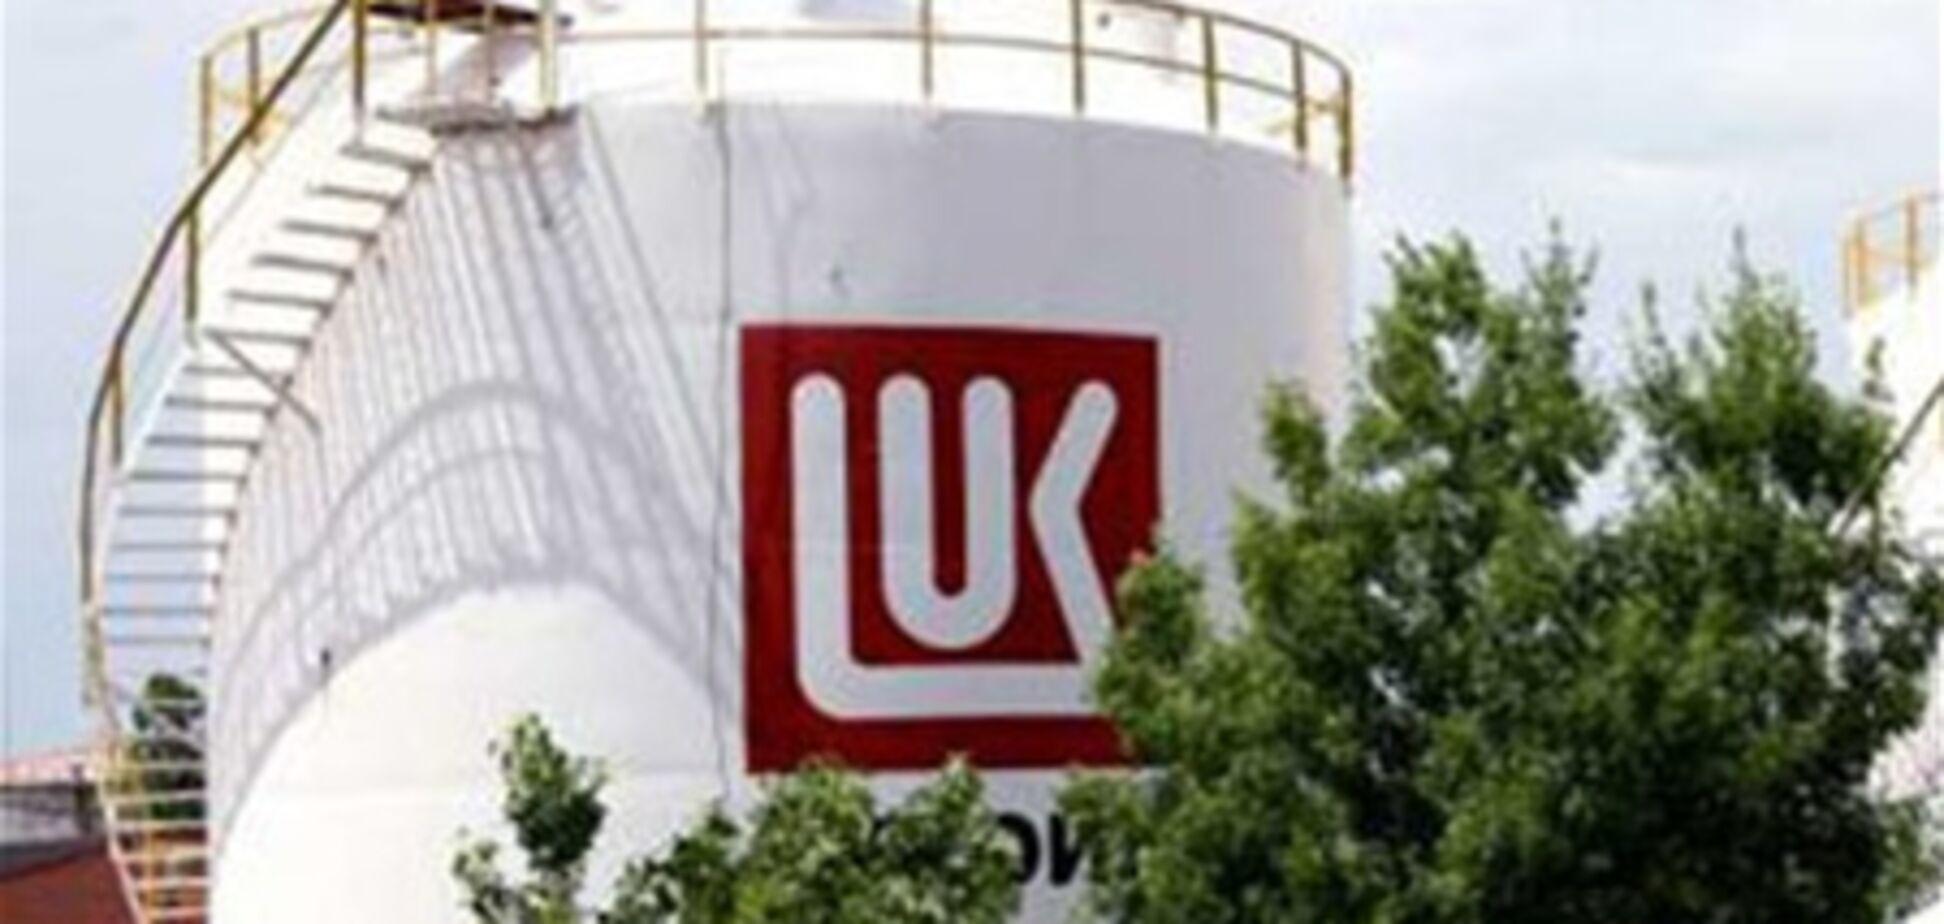 Названа дата остановки болгарского НПЗ 'Лукойла'